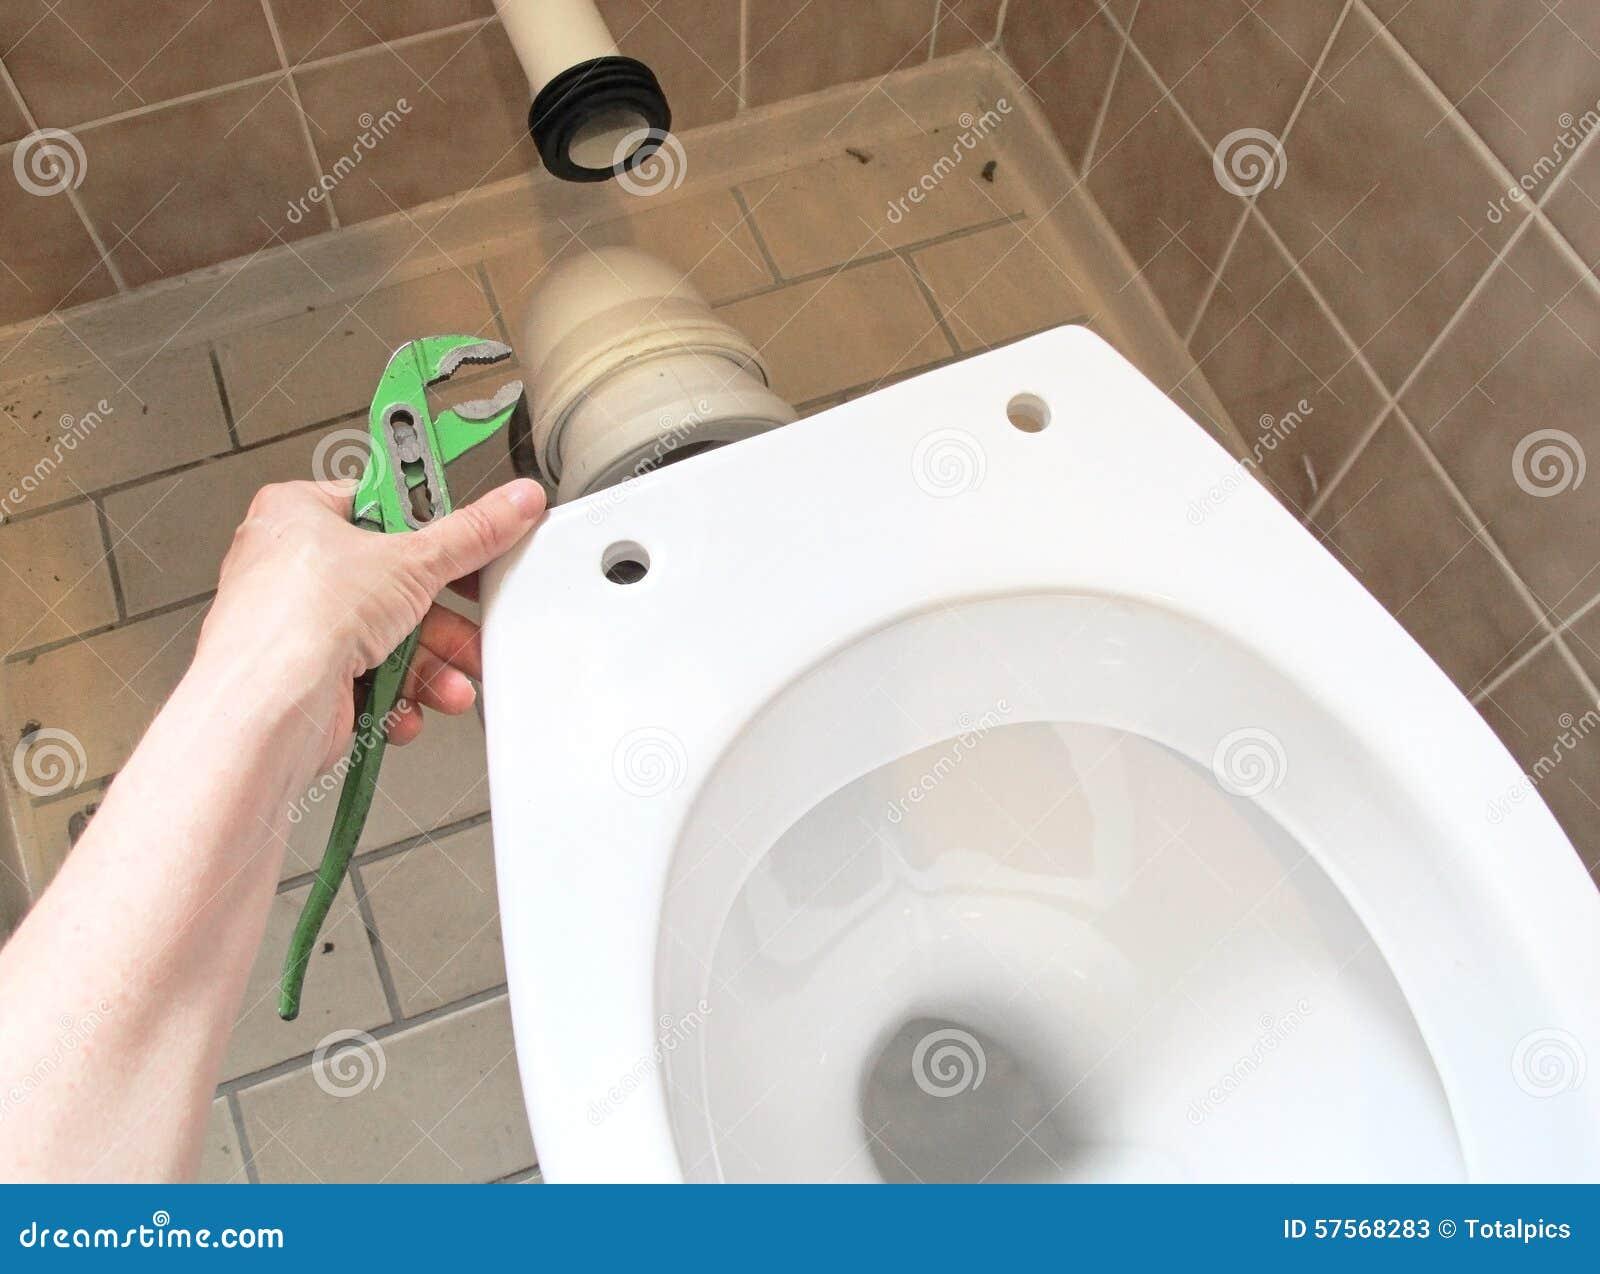 Plumber and toilet bowl stock image. Image of repair - 57568283